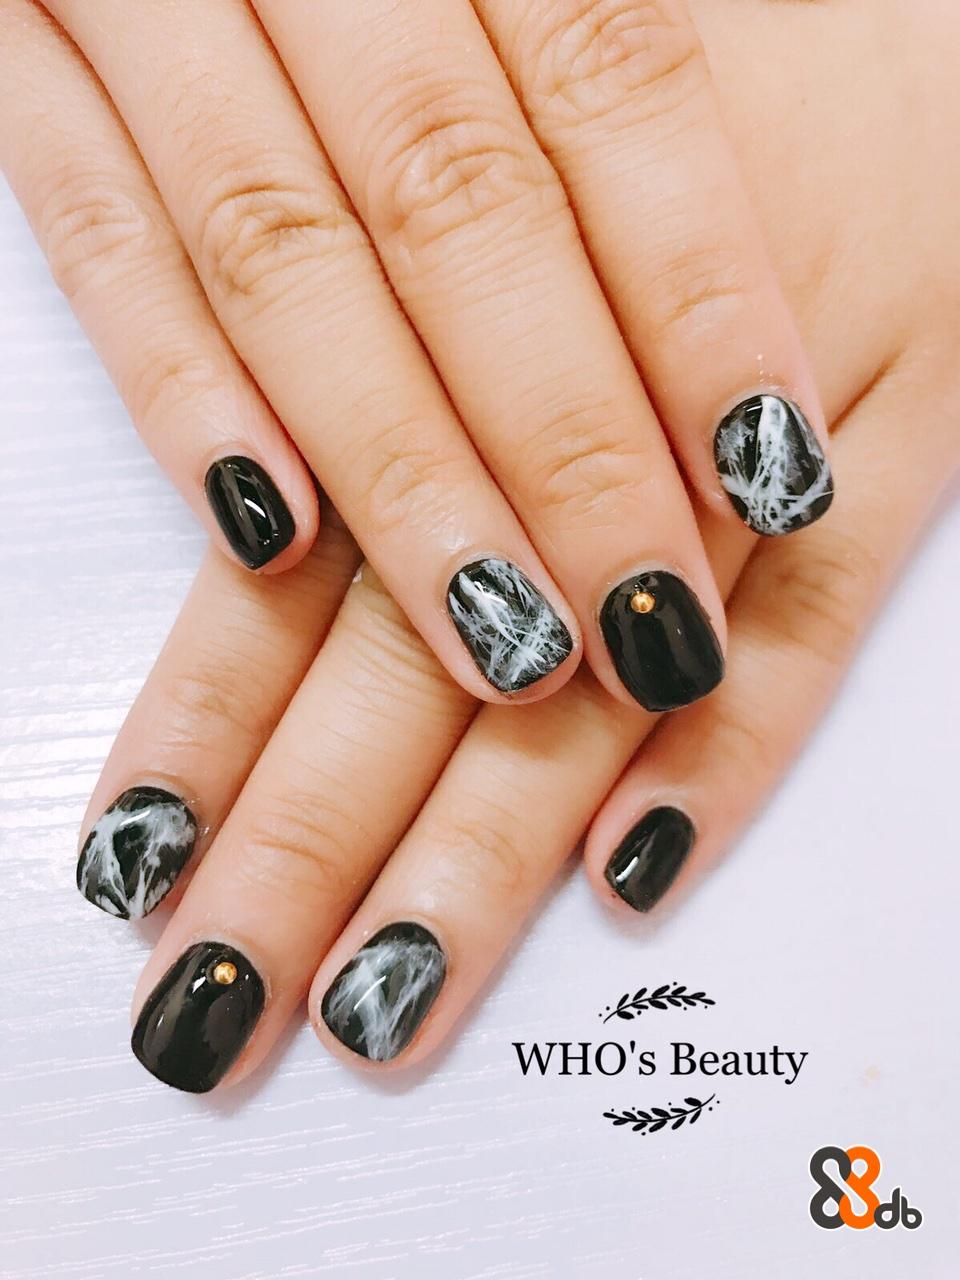 WHO's Beauty db  Nail,Manicure,Nail polish,Nail care,Finger